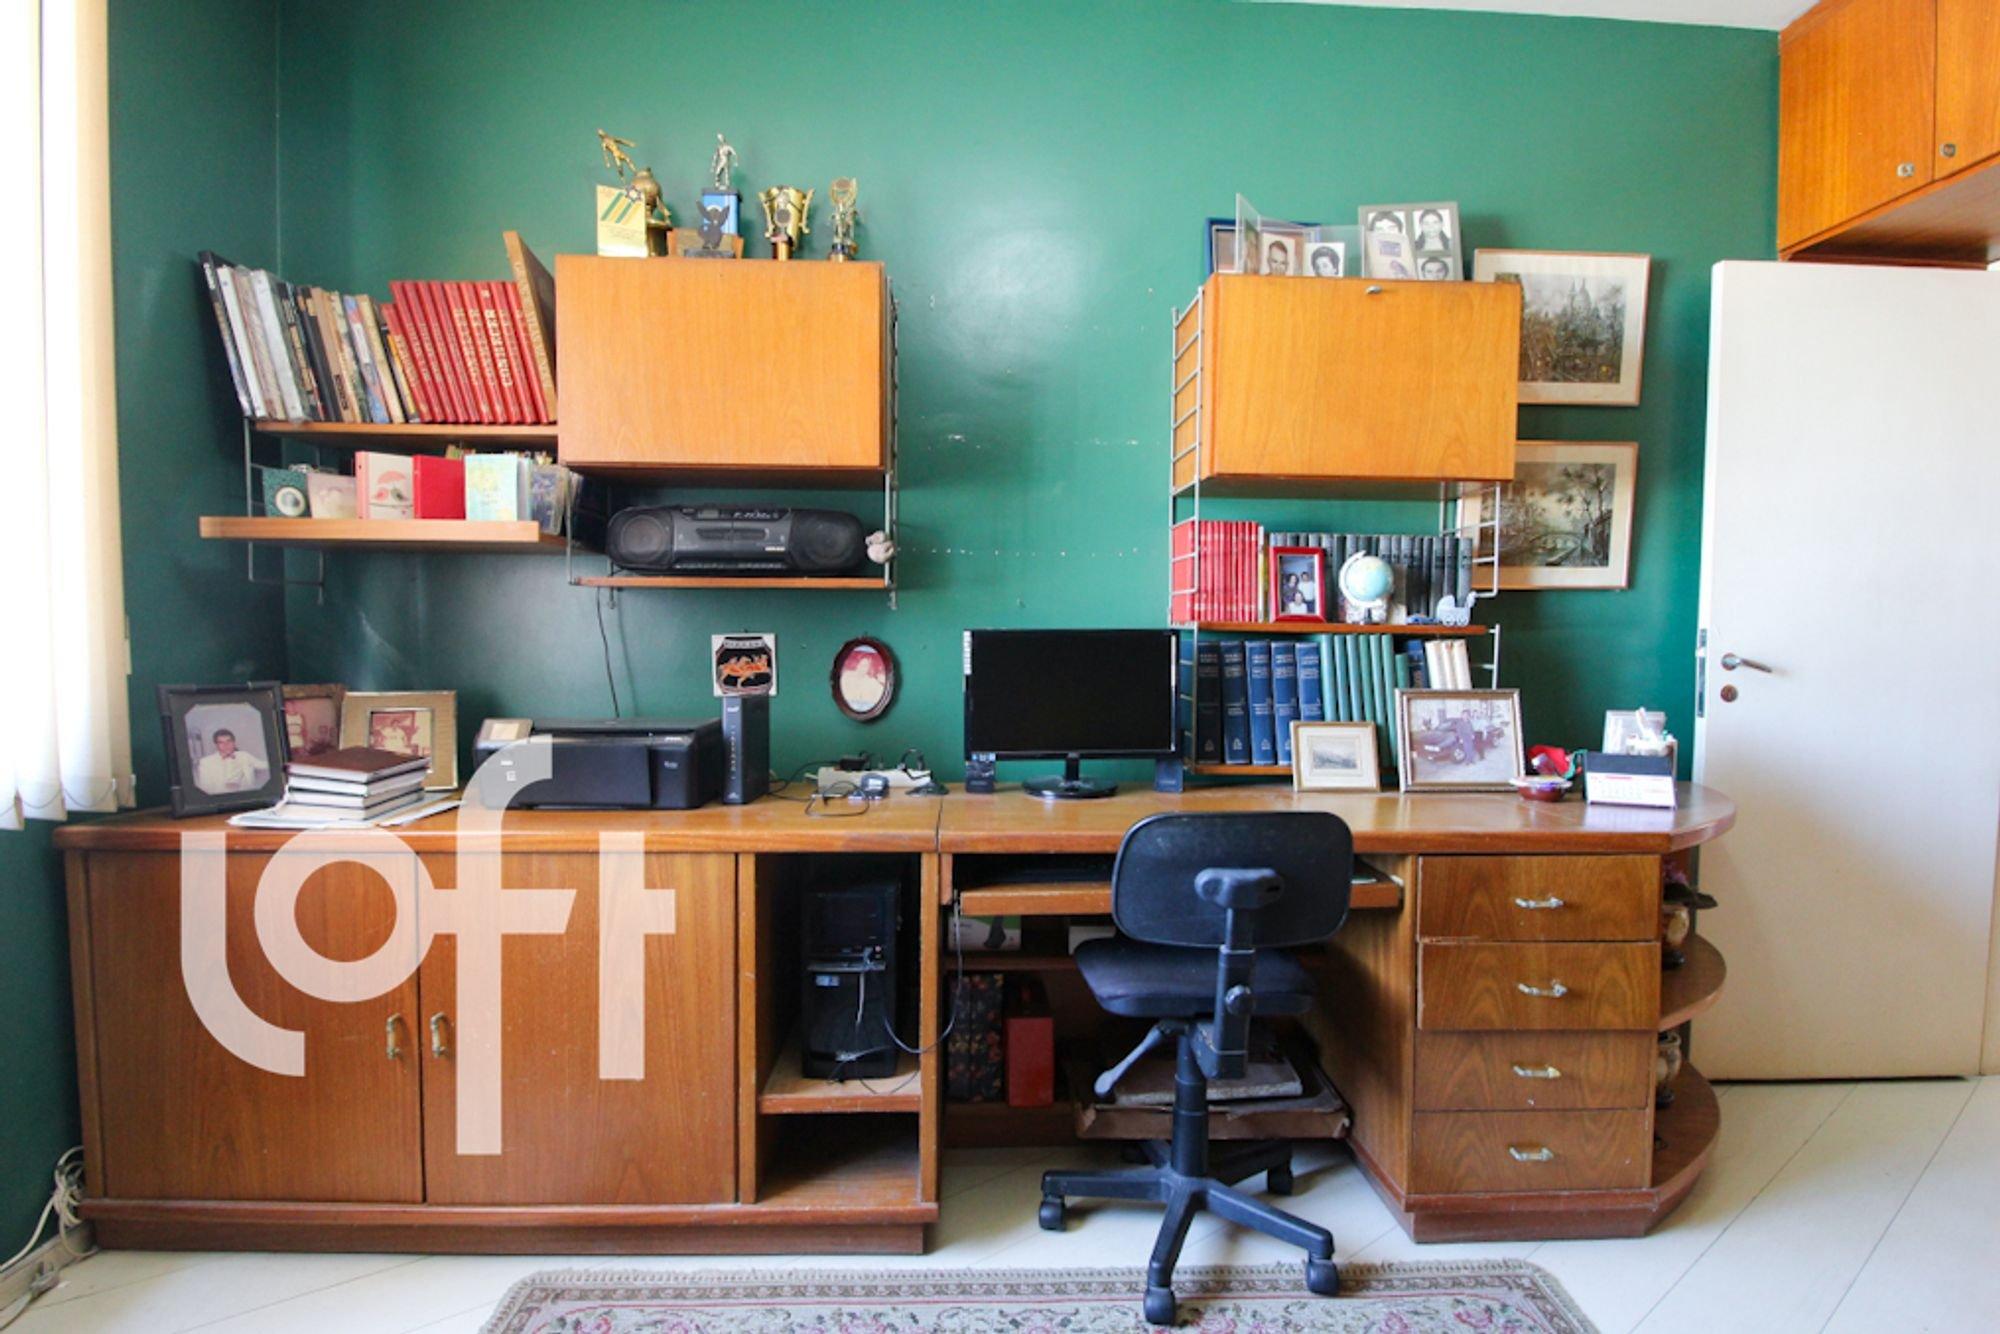 Foto de Quarto com televisão, relógio, cadeira, livro